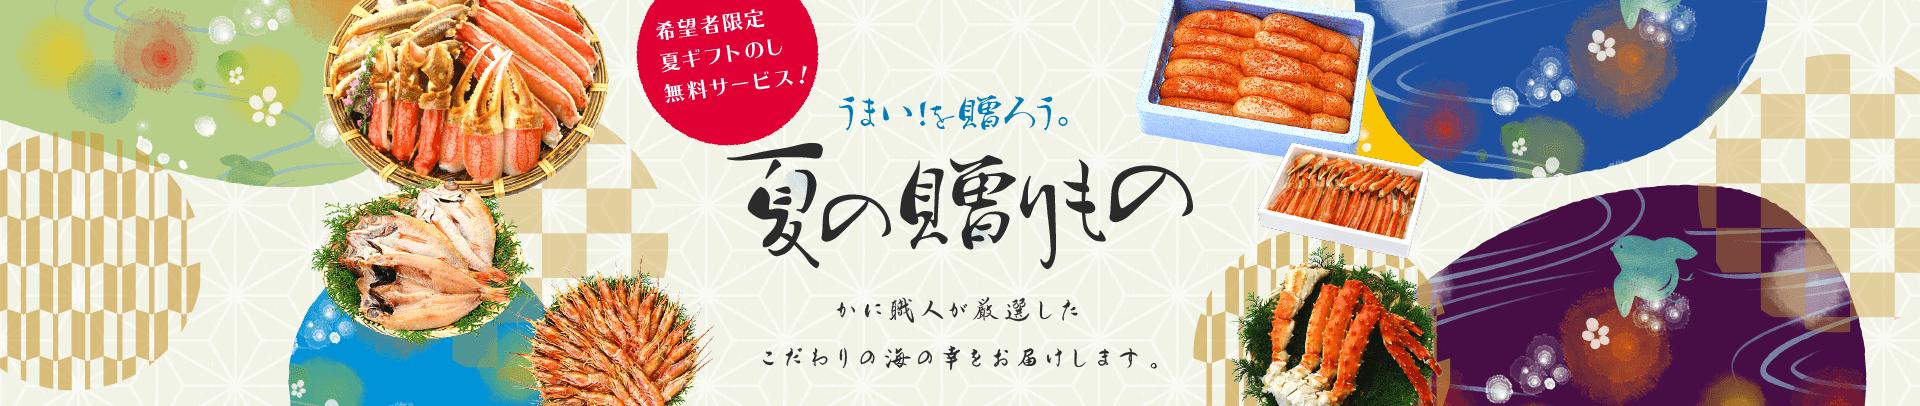 夏の贈りものお中元特集2019